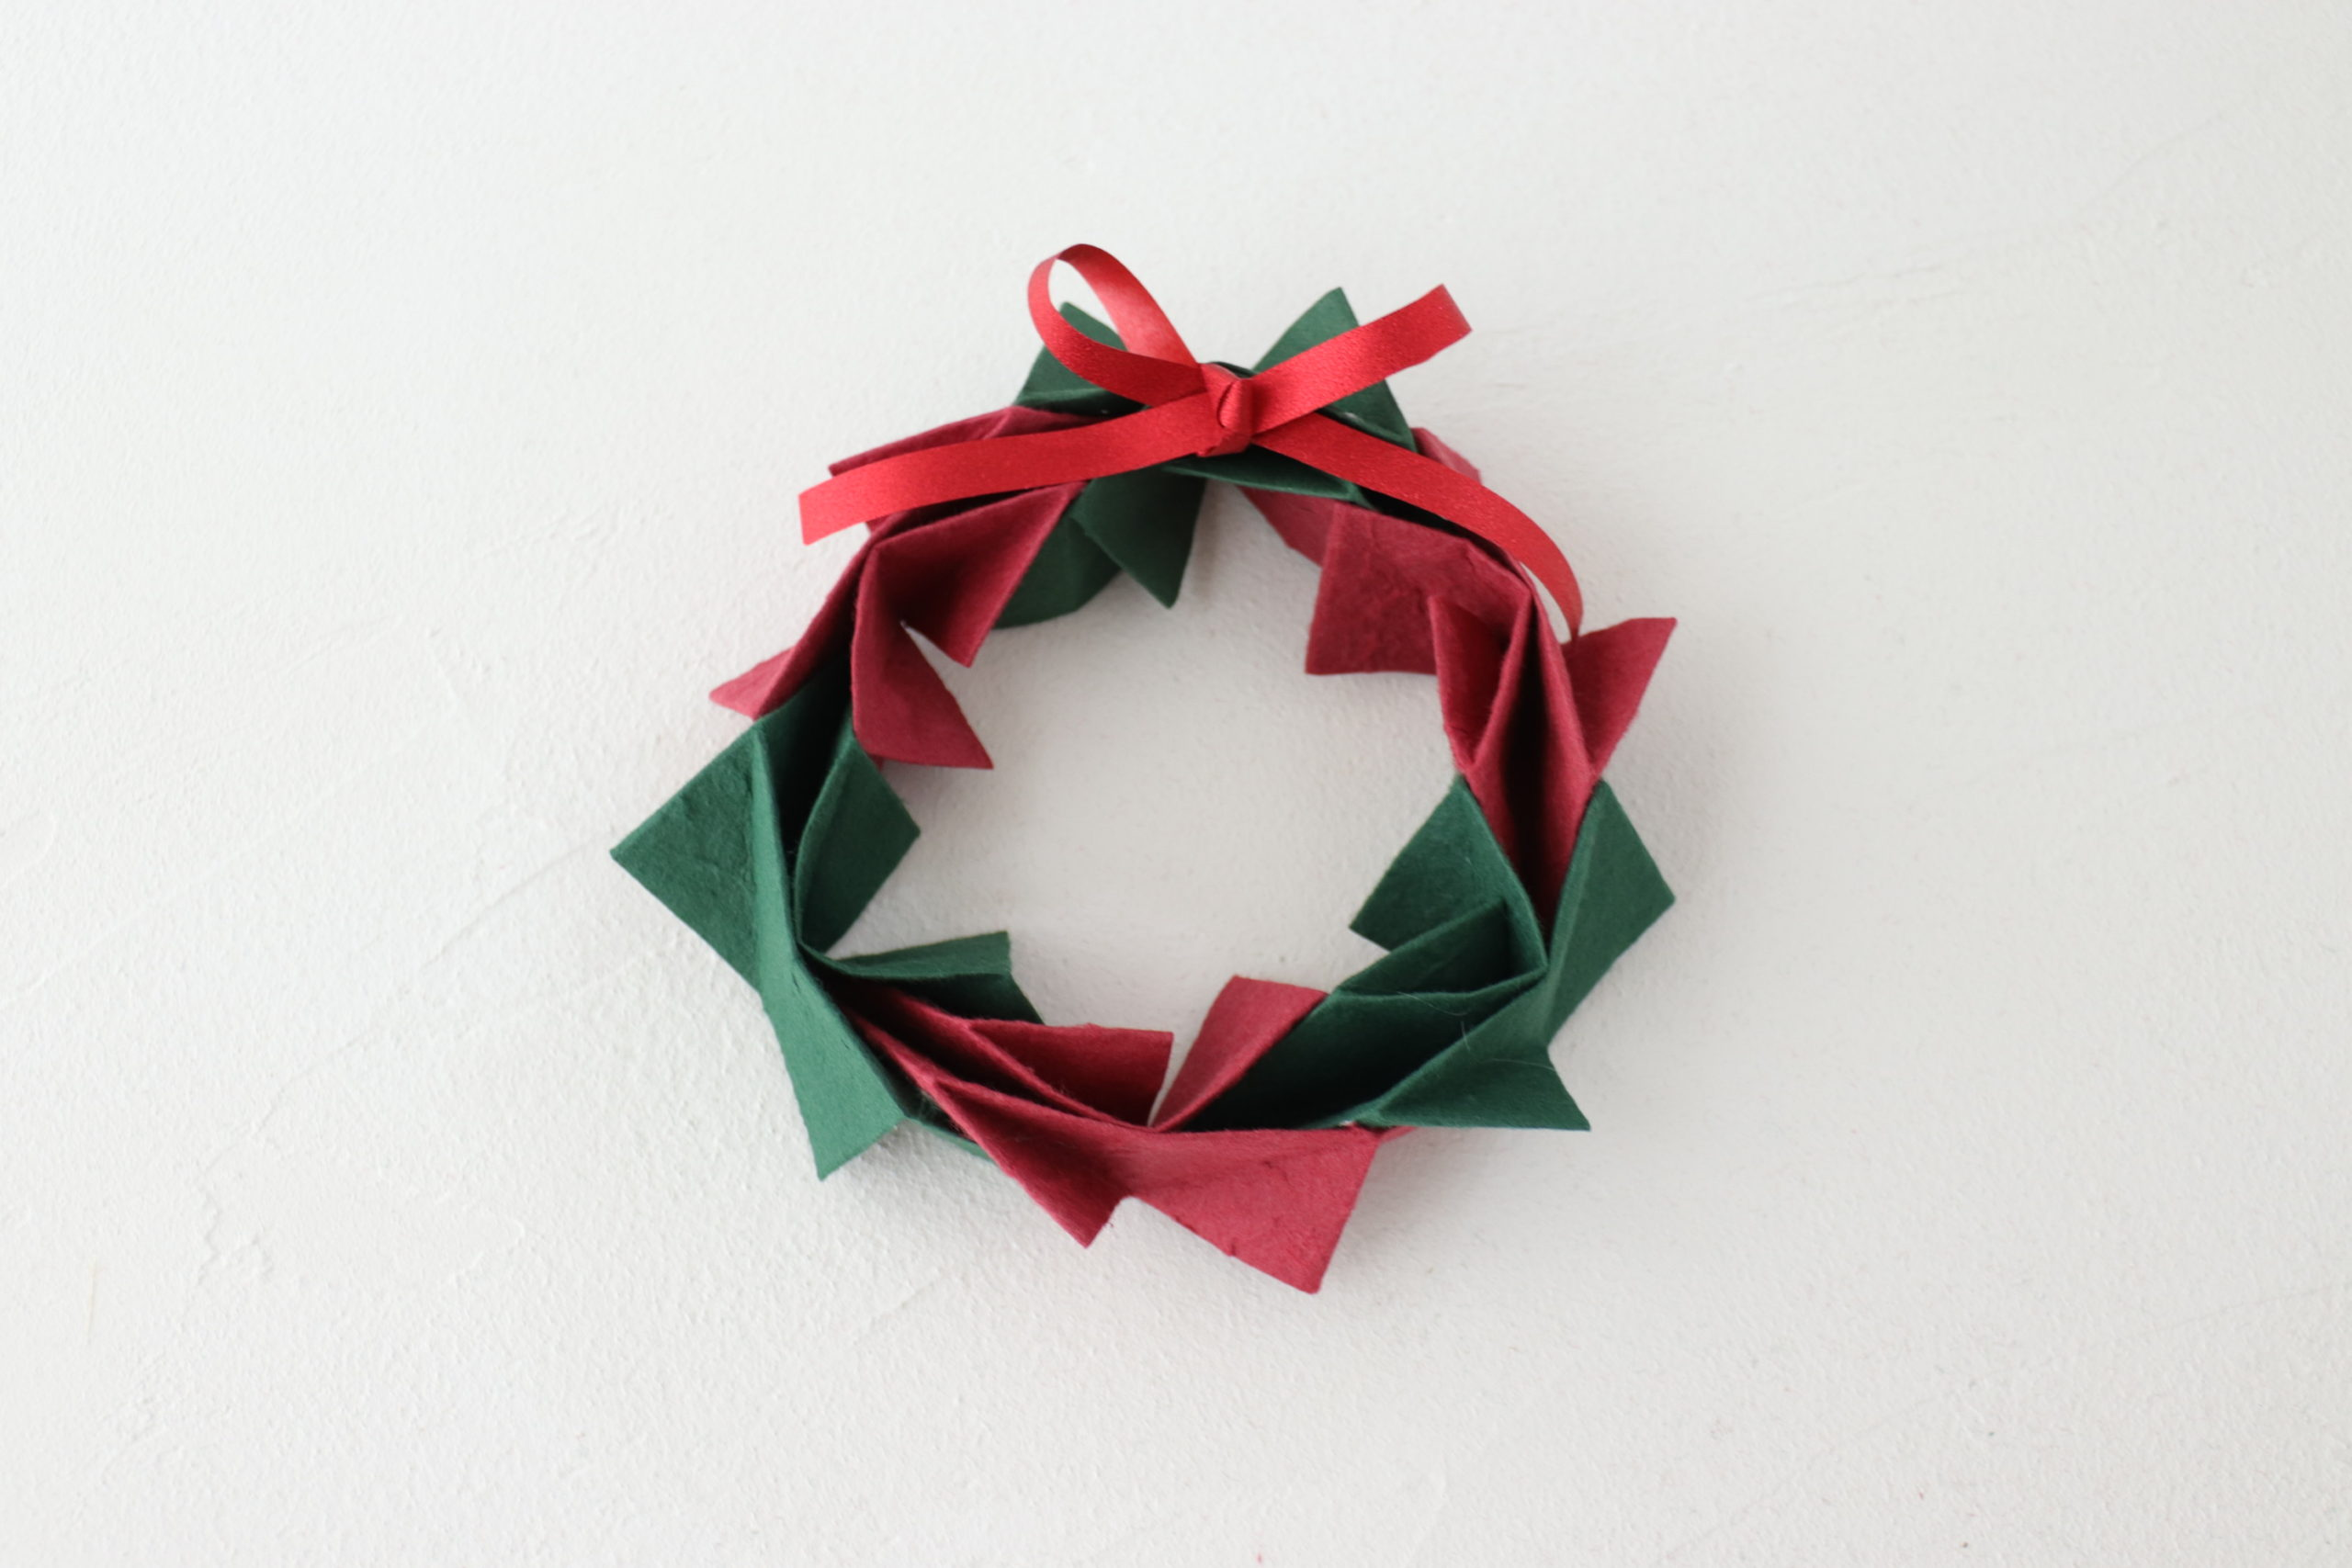 15分で完成!ラッピングペーパーを使ったクリスマスリースの作り方